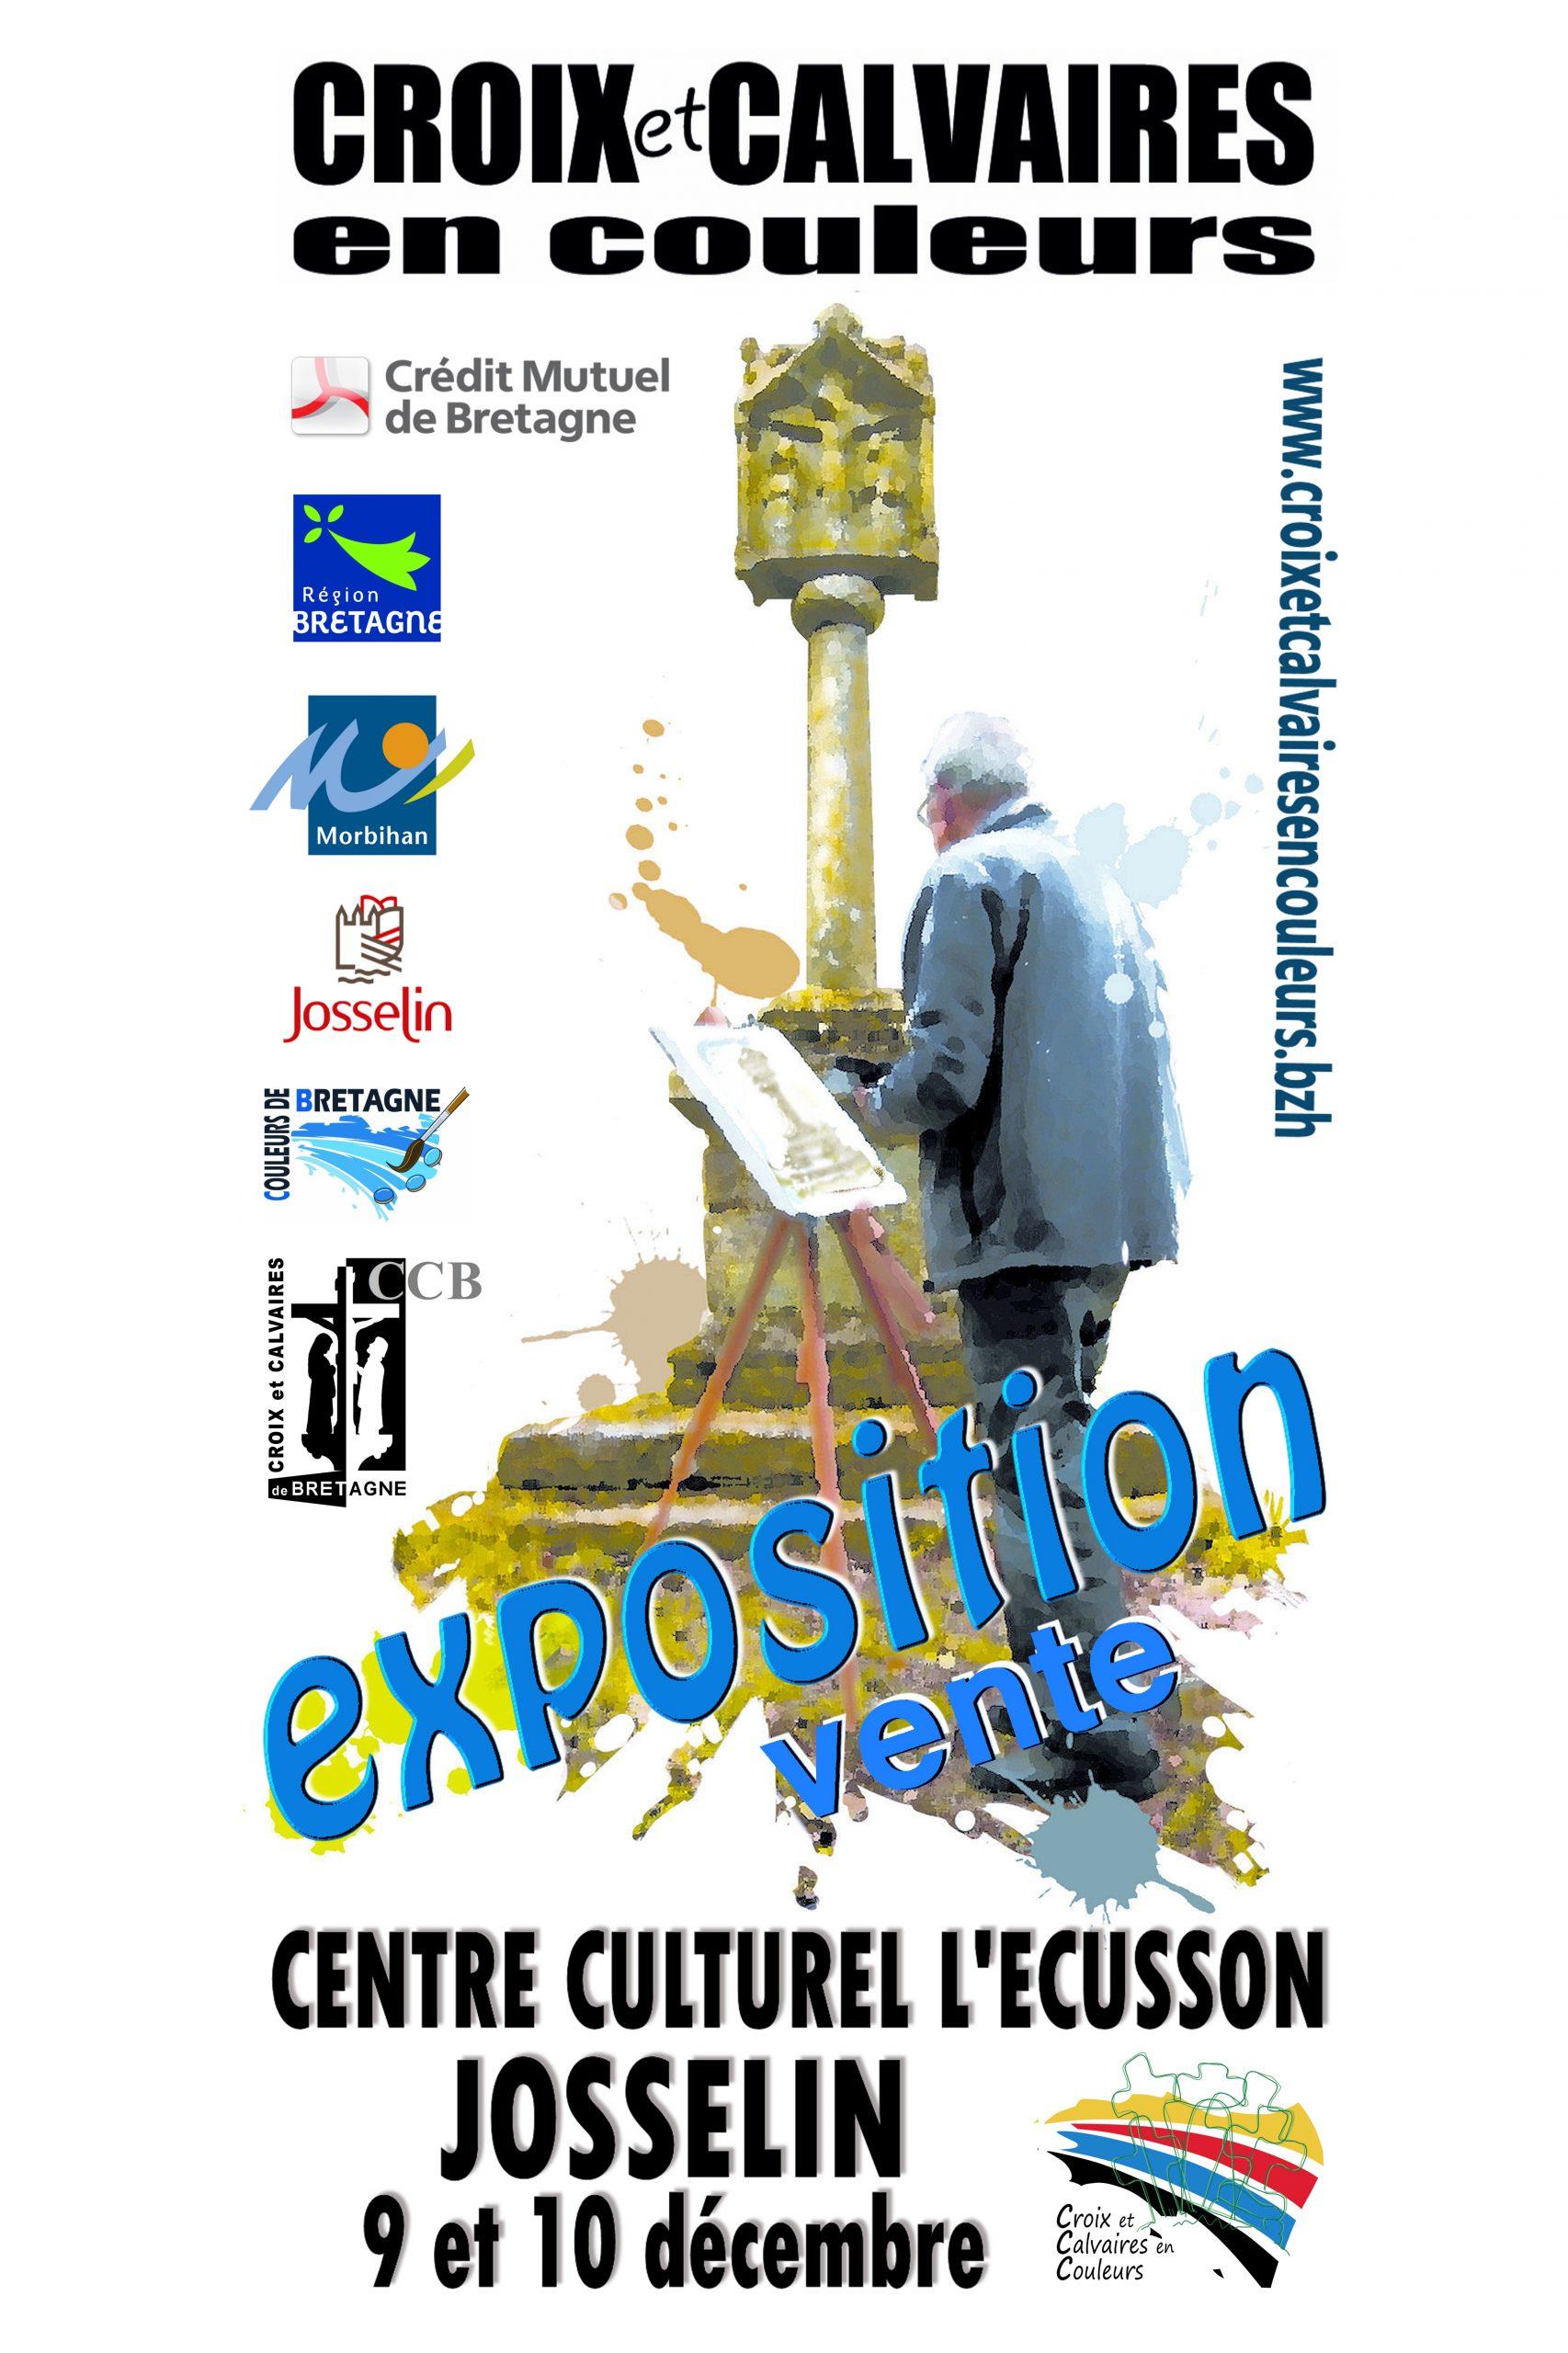 Concours Croix et Calvaires en couleurs, exposition-vente de peintures les 9 et 10 décembre à Josselin (56)